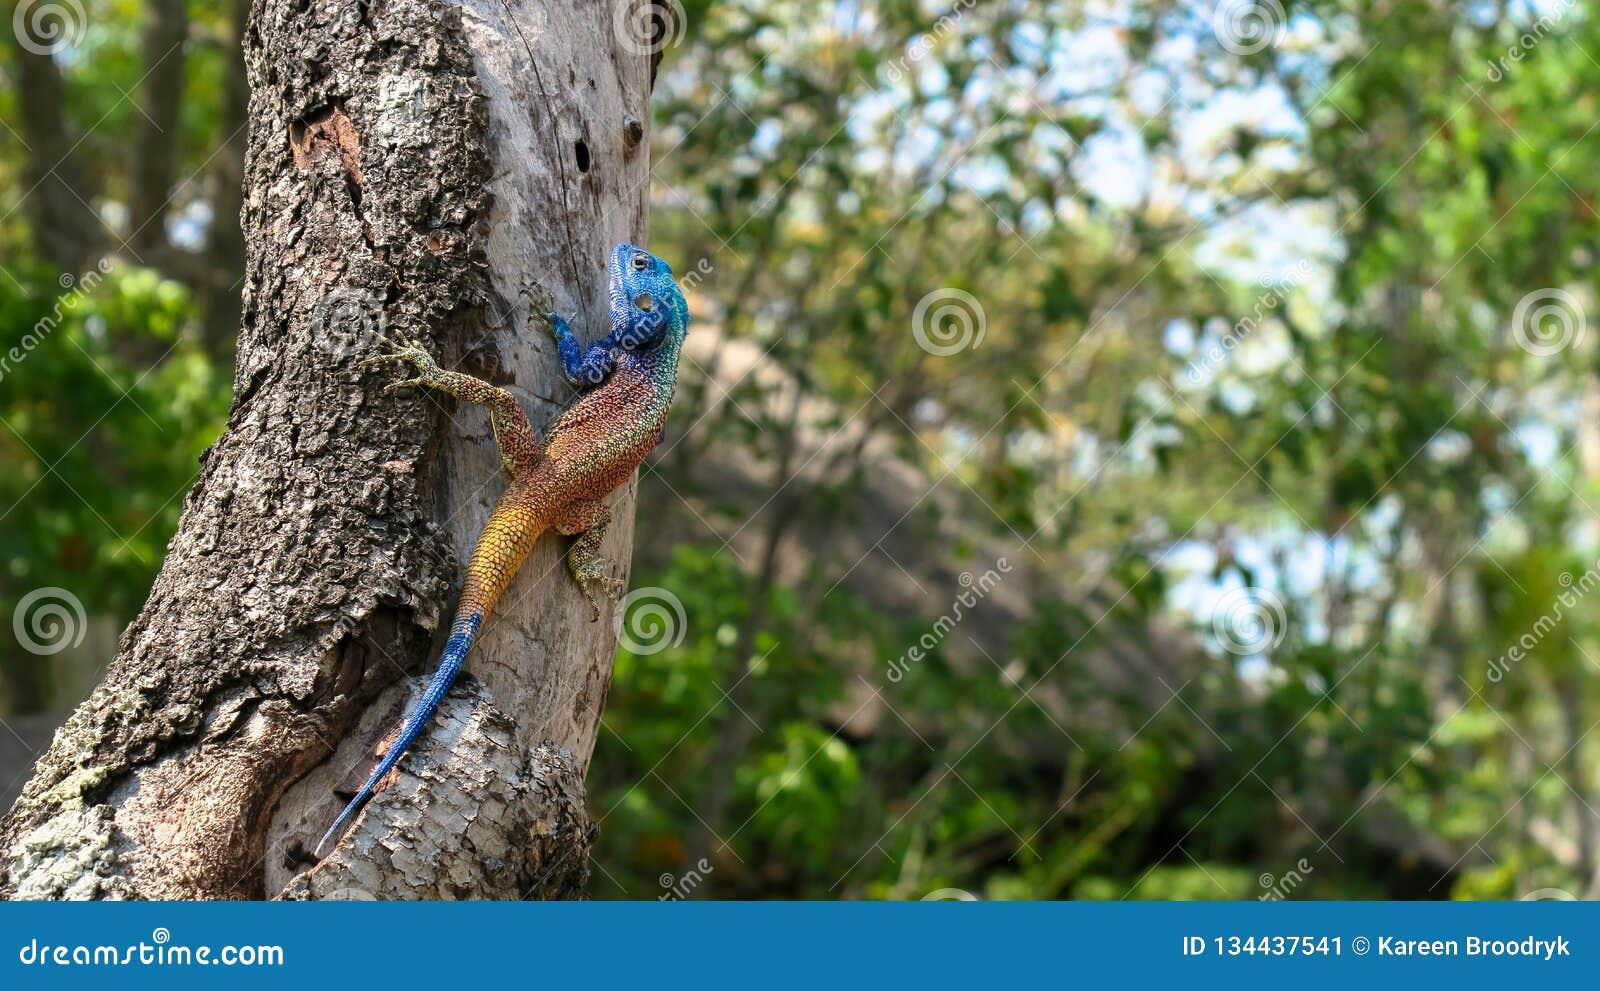 Tree Agama - acanthocerus atricollis